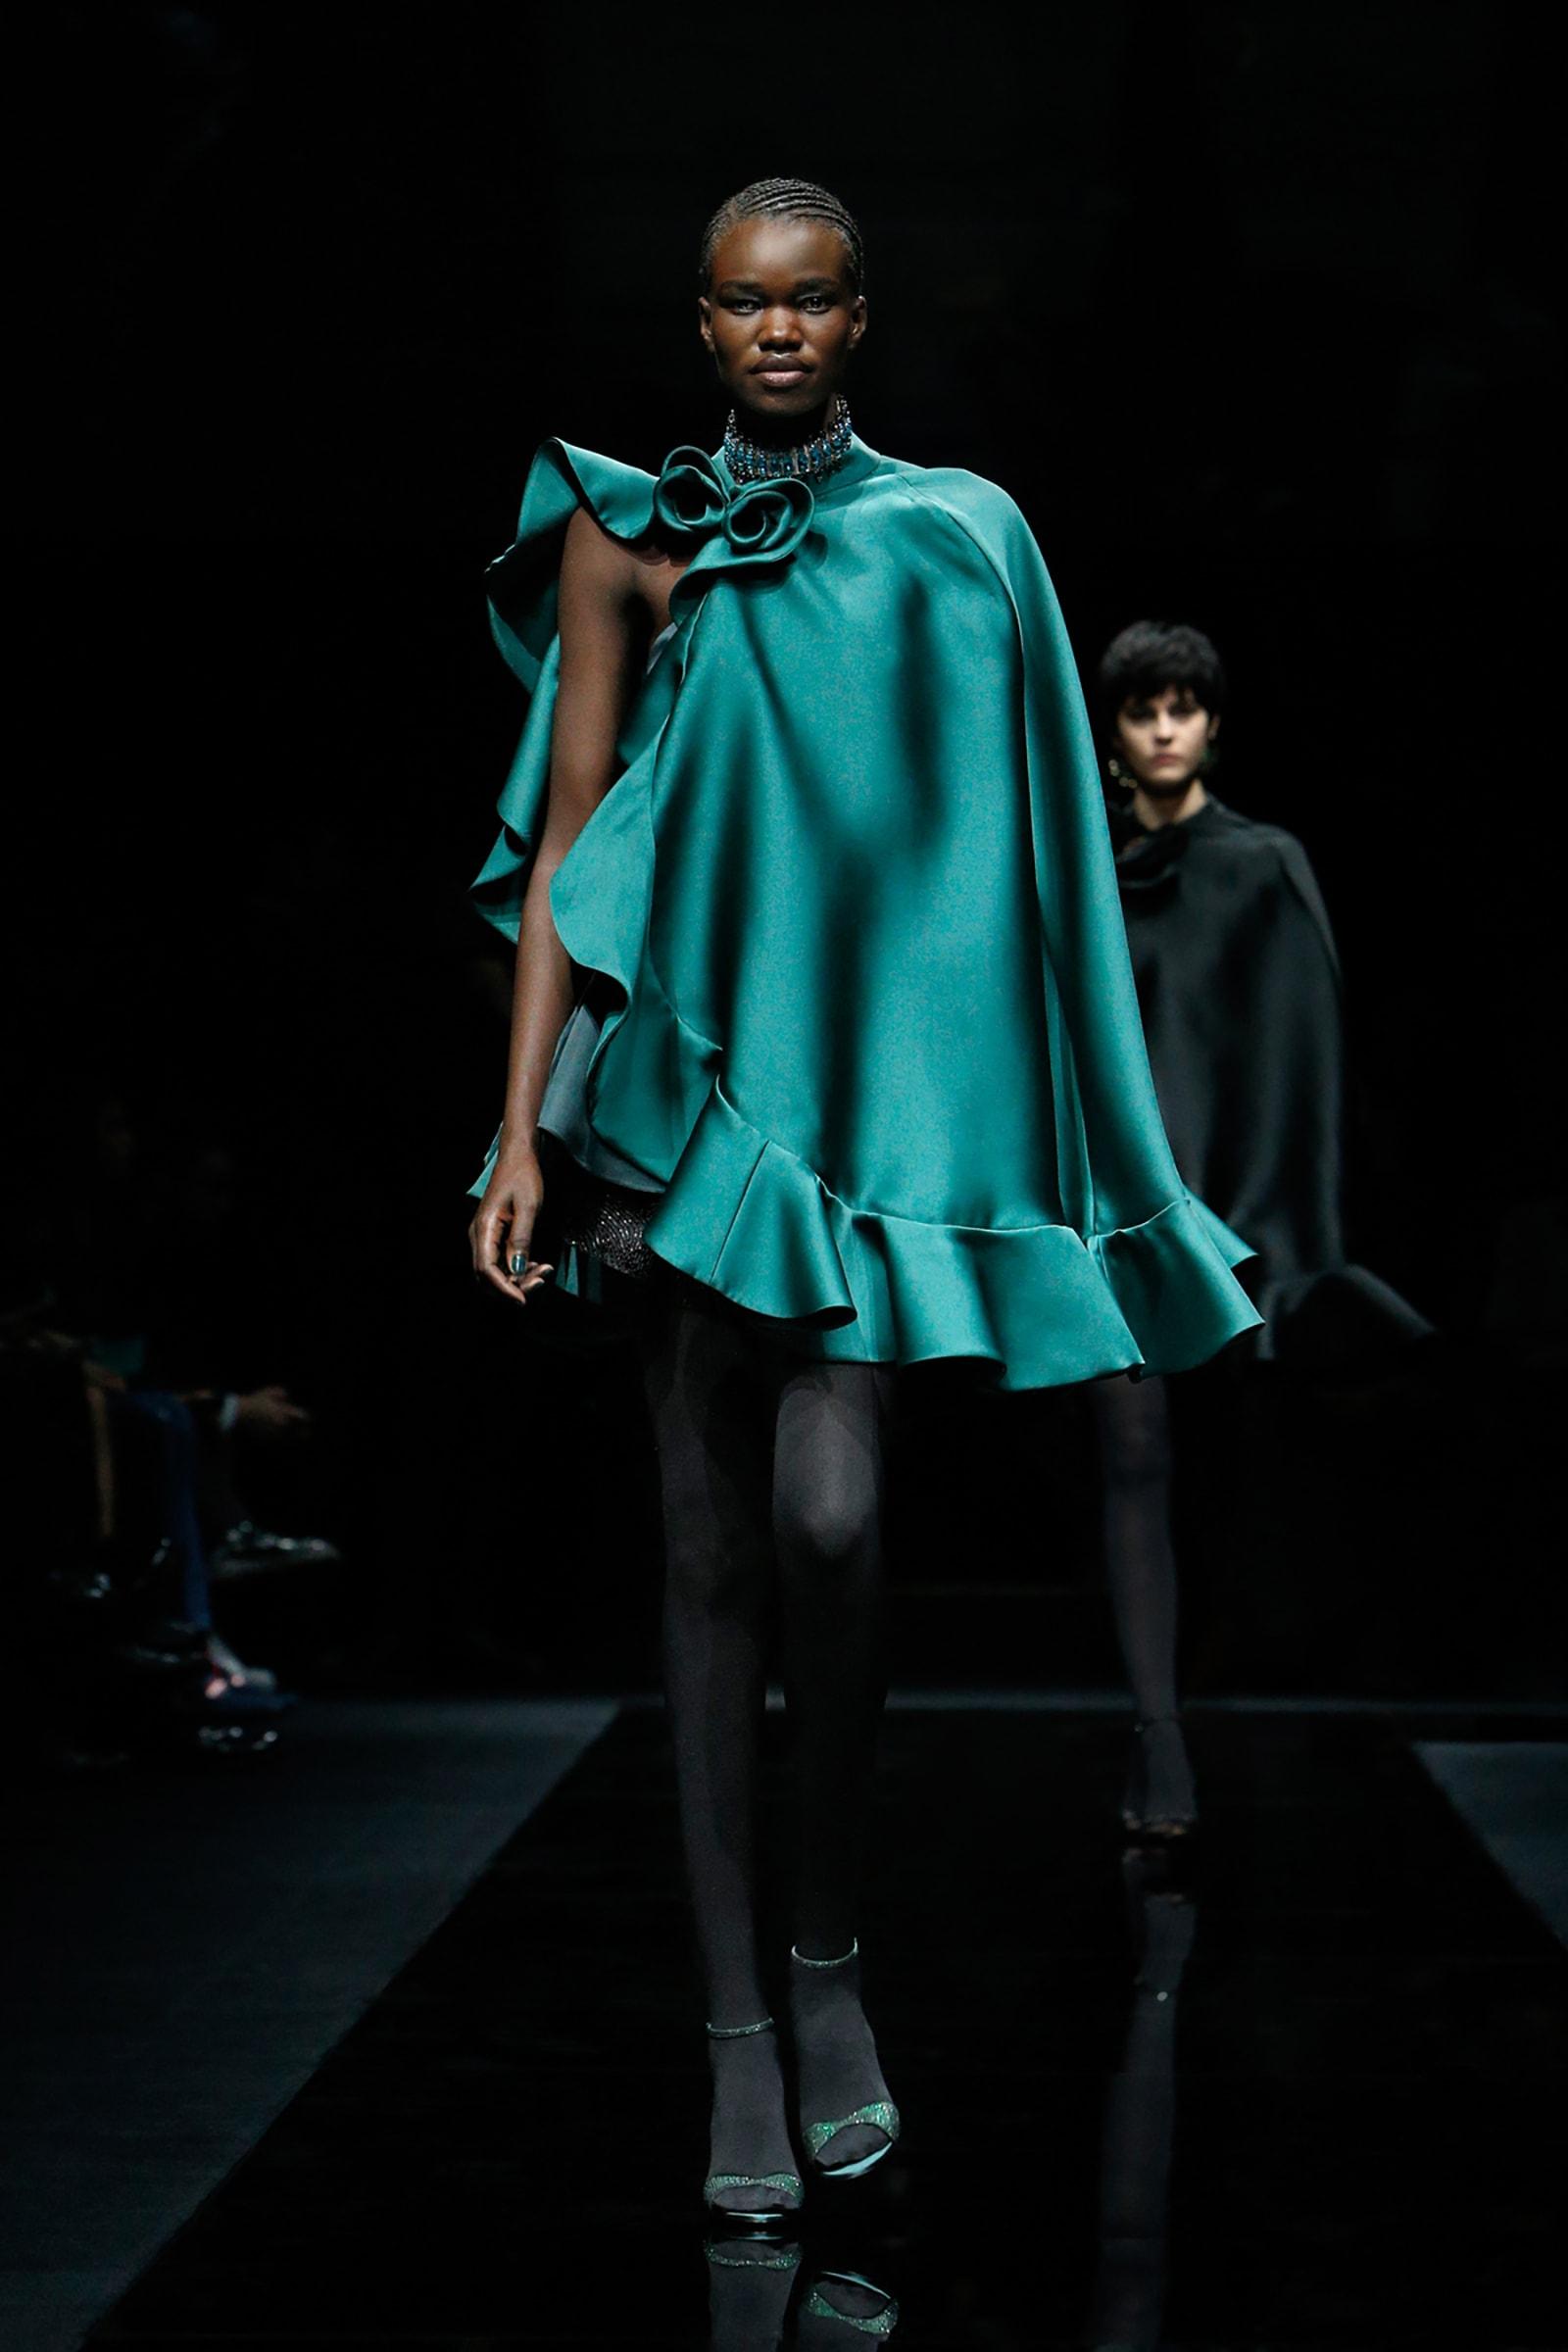 """بسبب تفشّي فيروس كورونا بإيطاليا.. دار """"أرماني"""" تُقيم عرض أزياء بدون جمهور"""